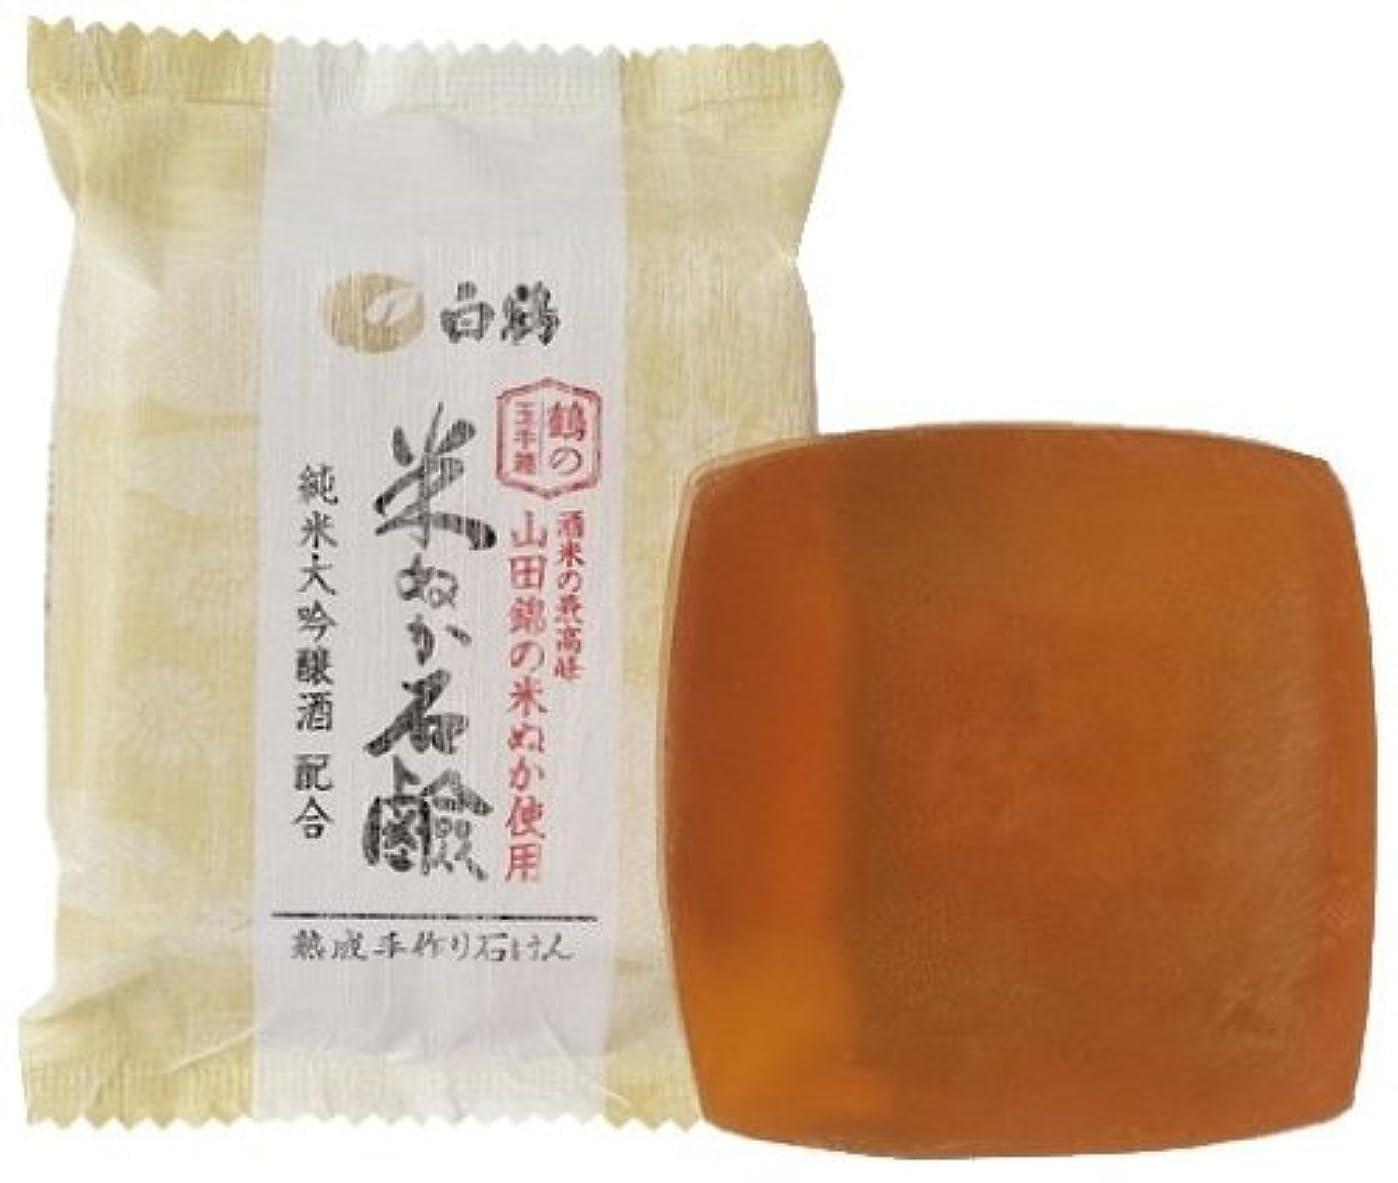 スーパー再生的不和白鶴 鶴の玉手箱 米ぬか石けん 100g × 3個 (純米大吟醸 山田錦の米ぬか配合)